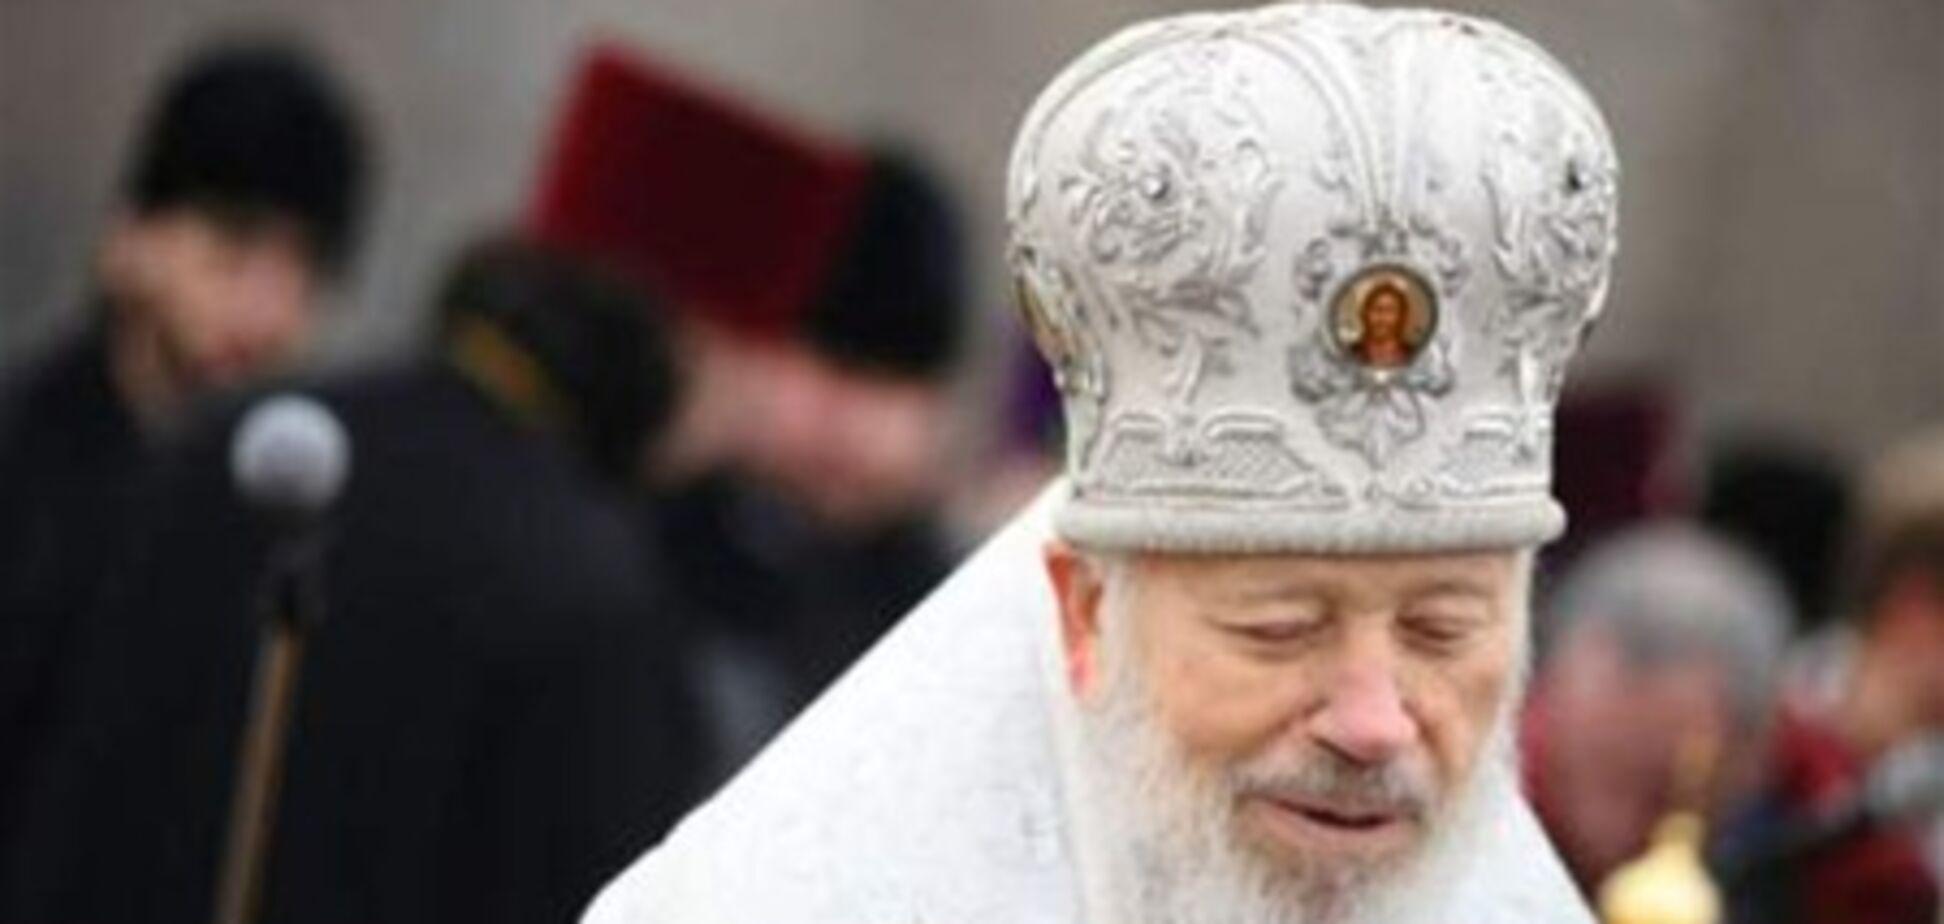 Митрополит Владимир признал раскол в церкви